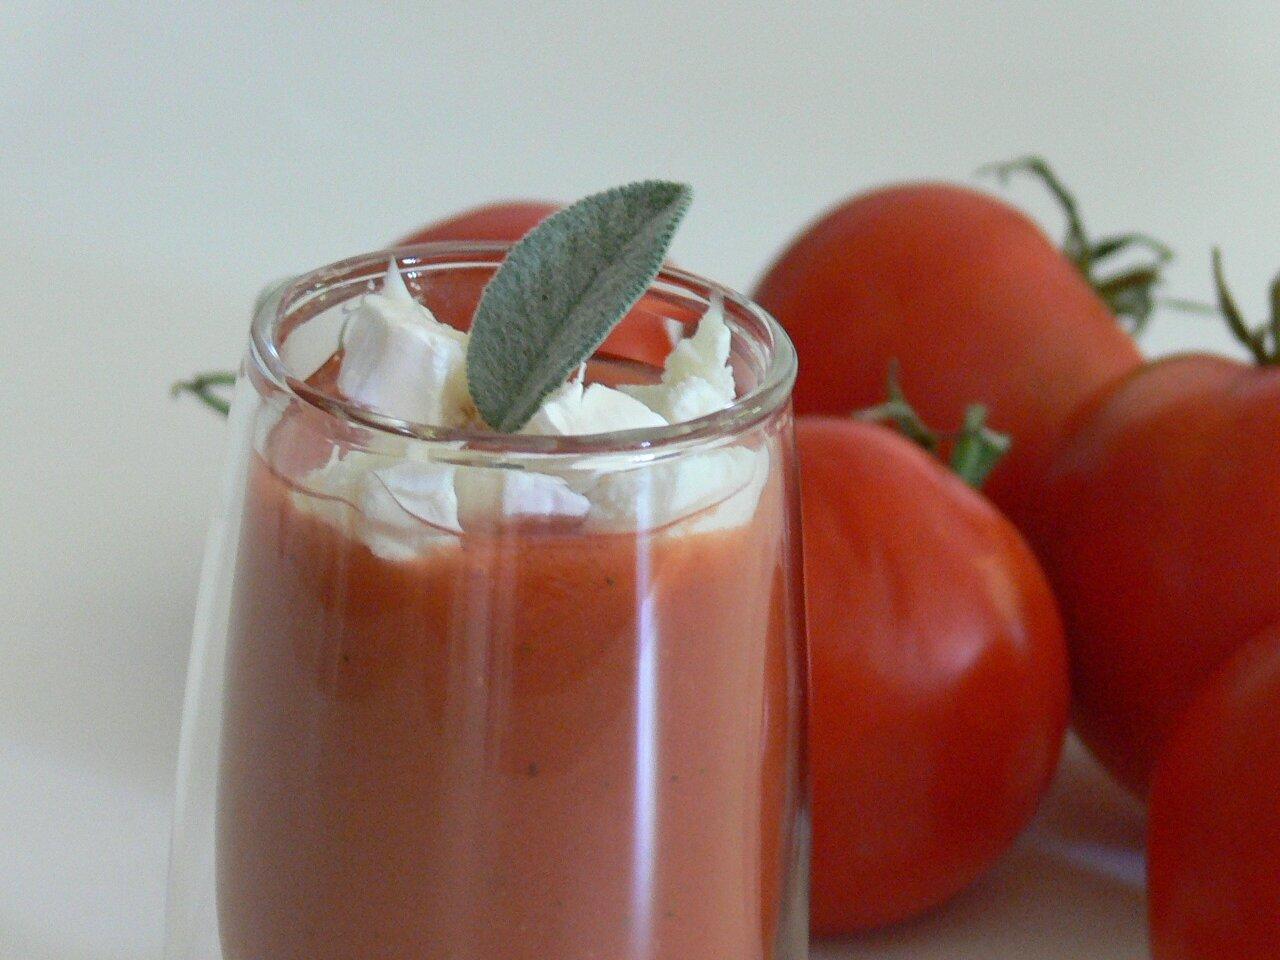 soupe froide de tomates au ch vre pauline en fait tout un plat. Black Bedroom Furniture Sets. Home Design Ideas